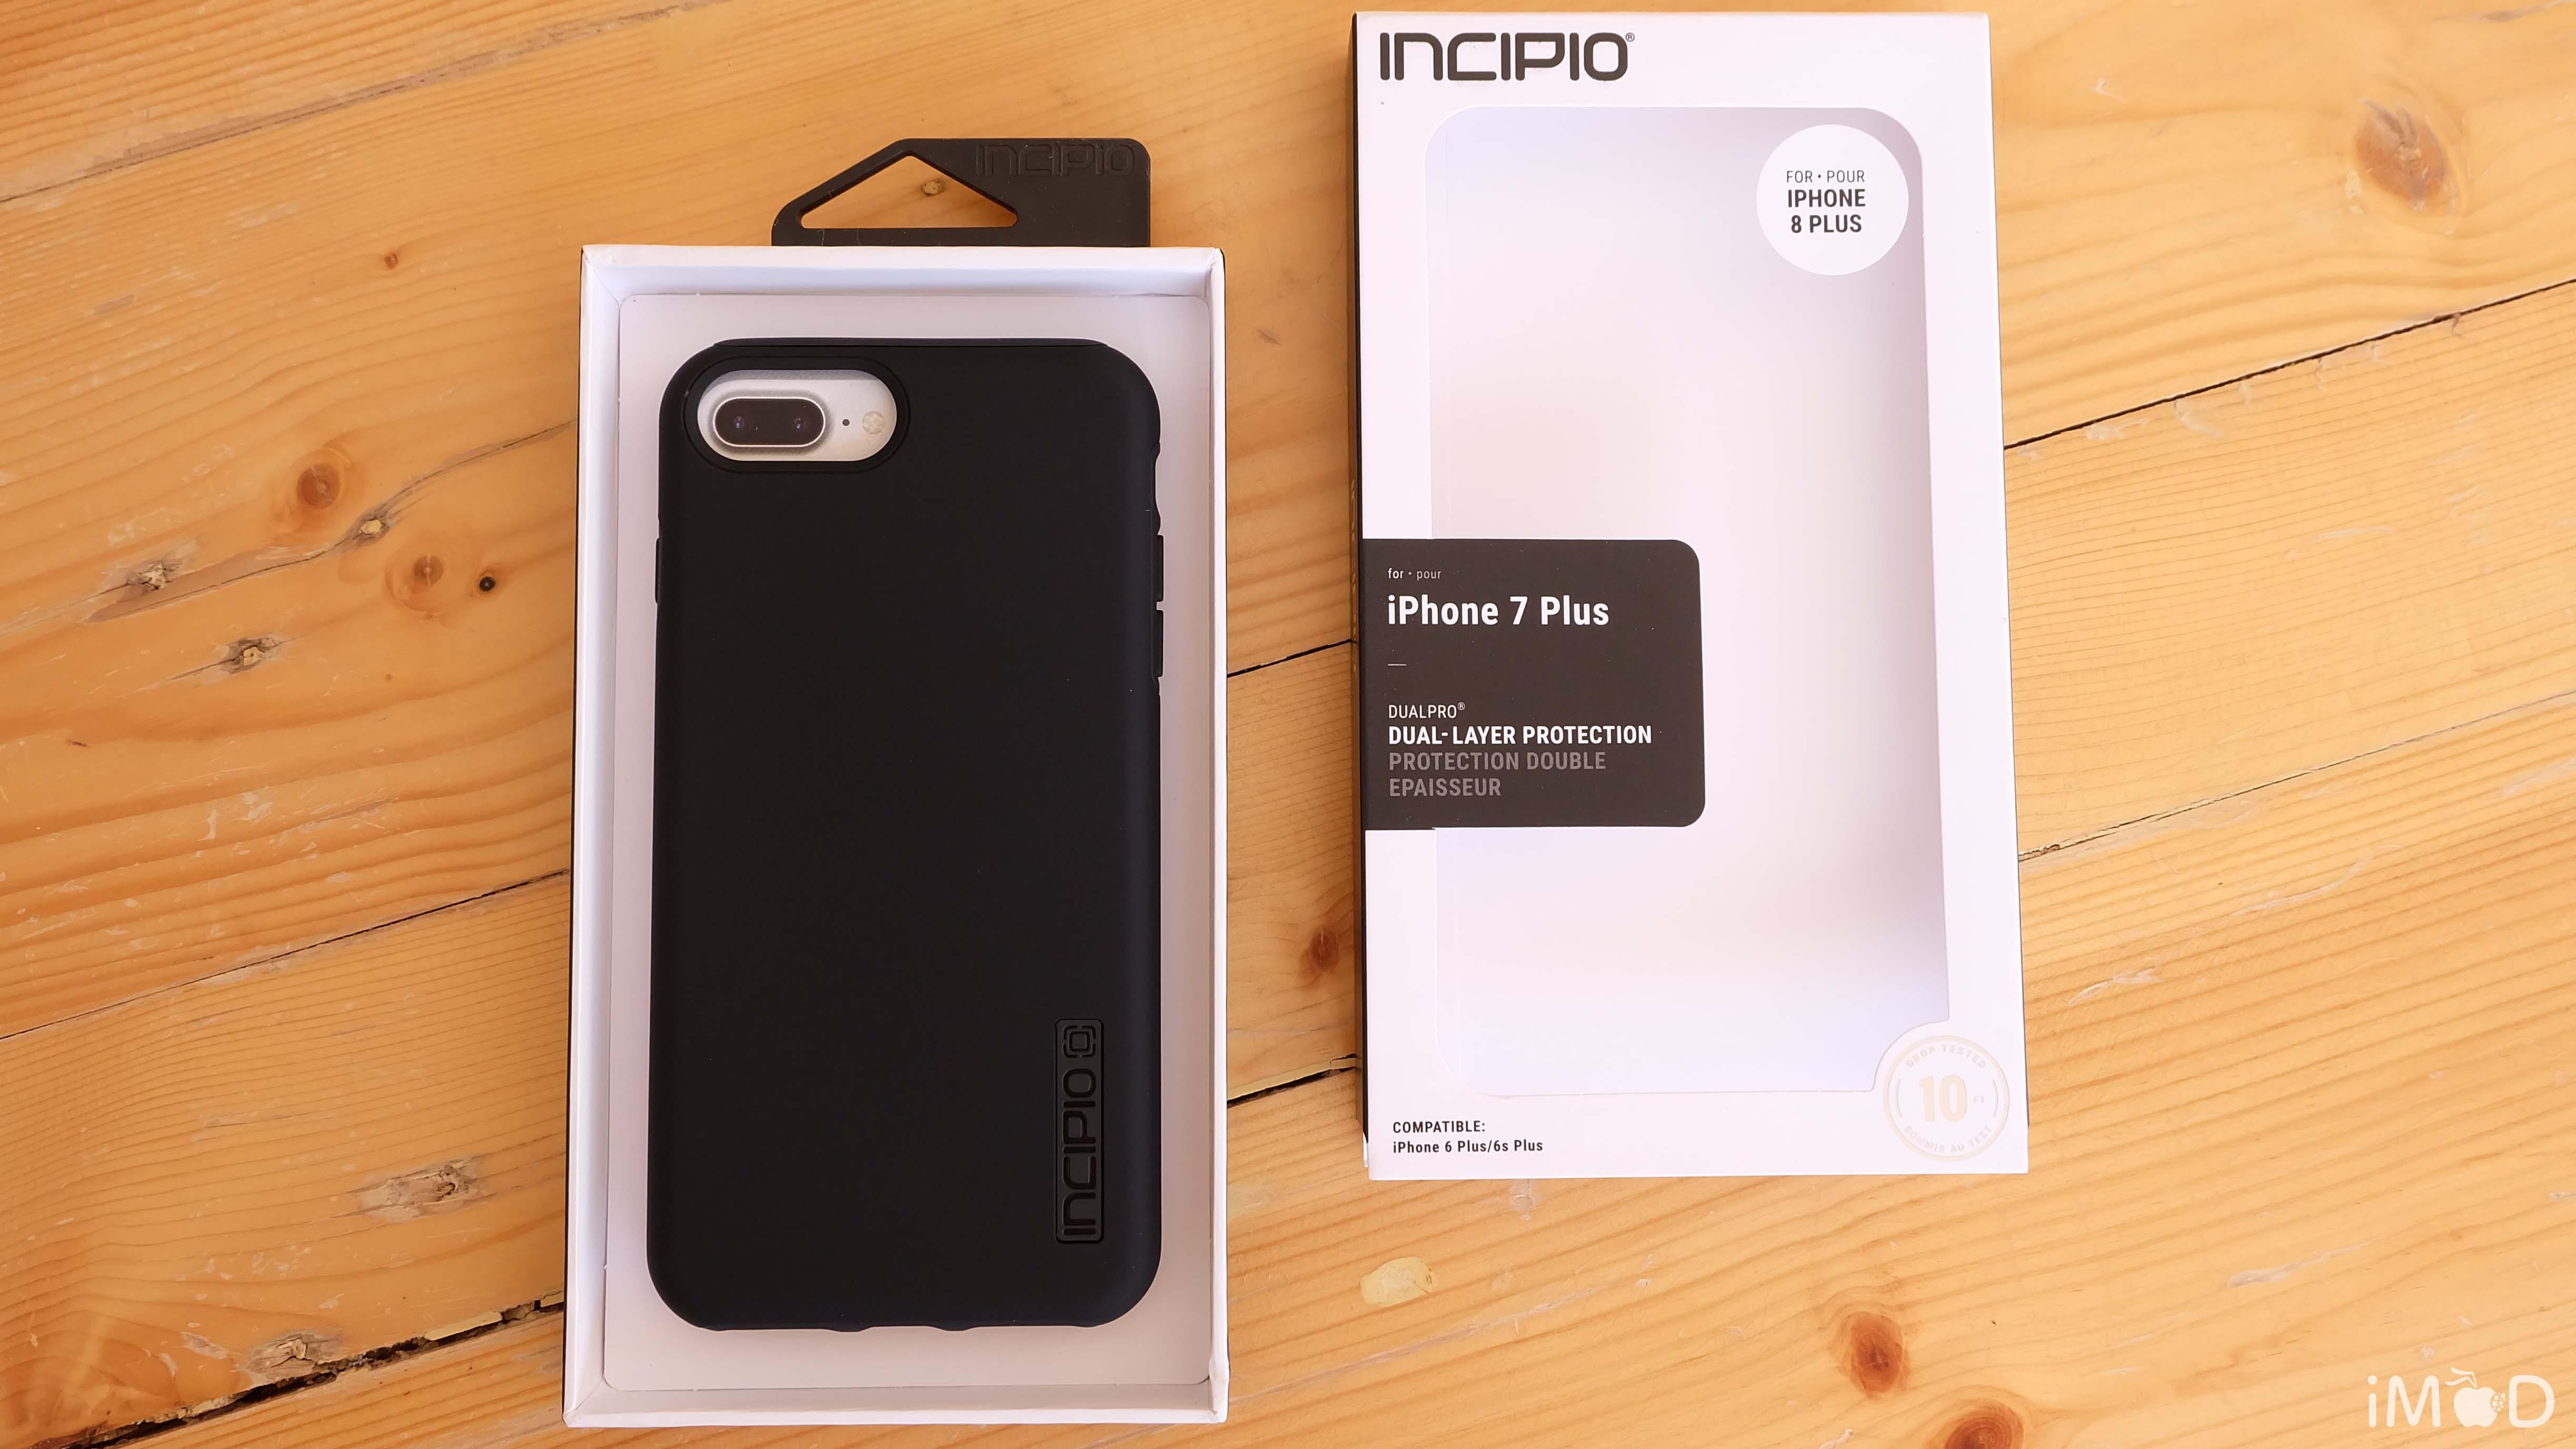 Incipio Duo Pro 2